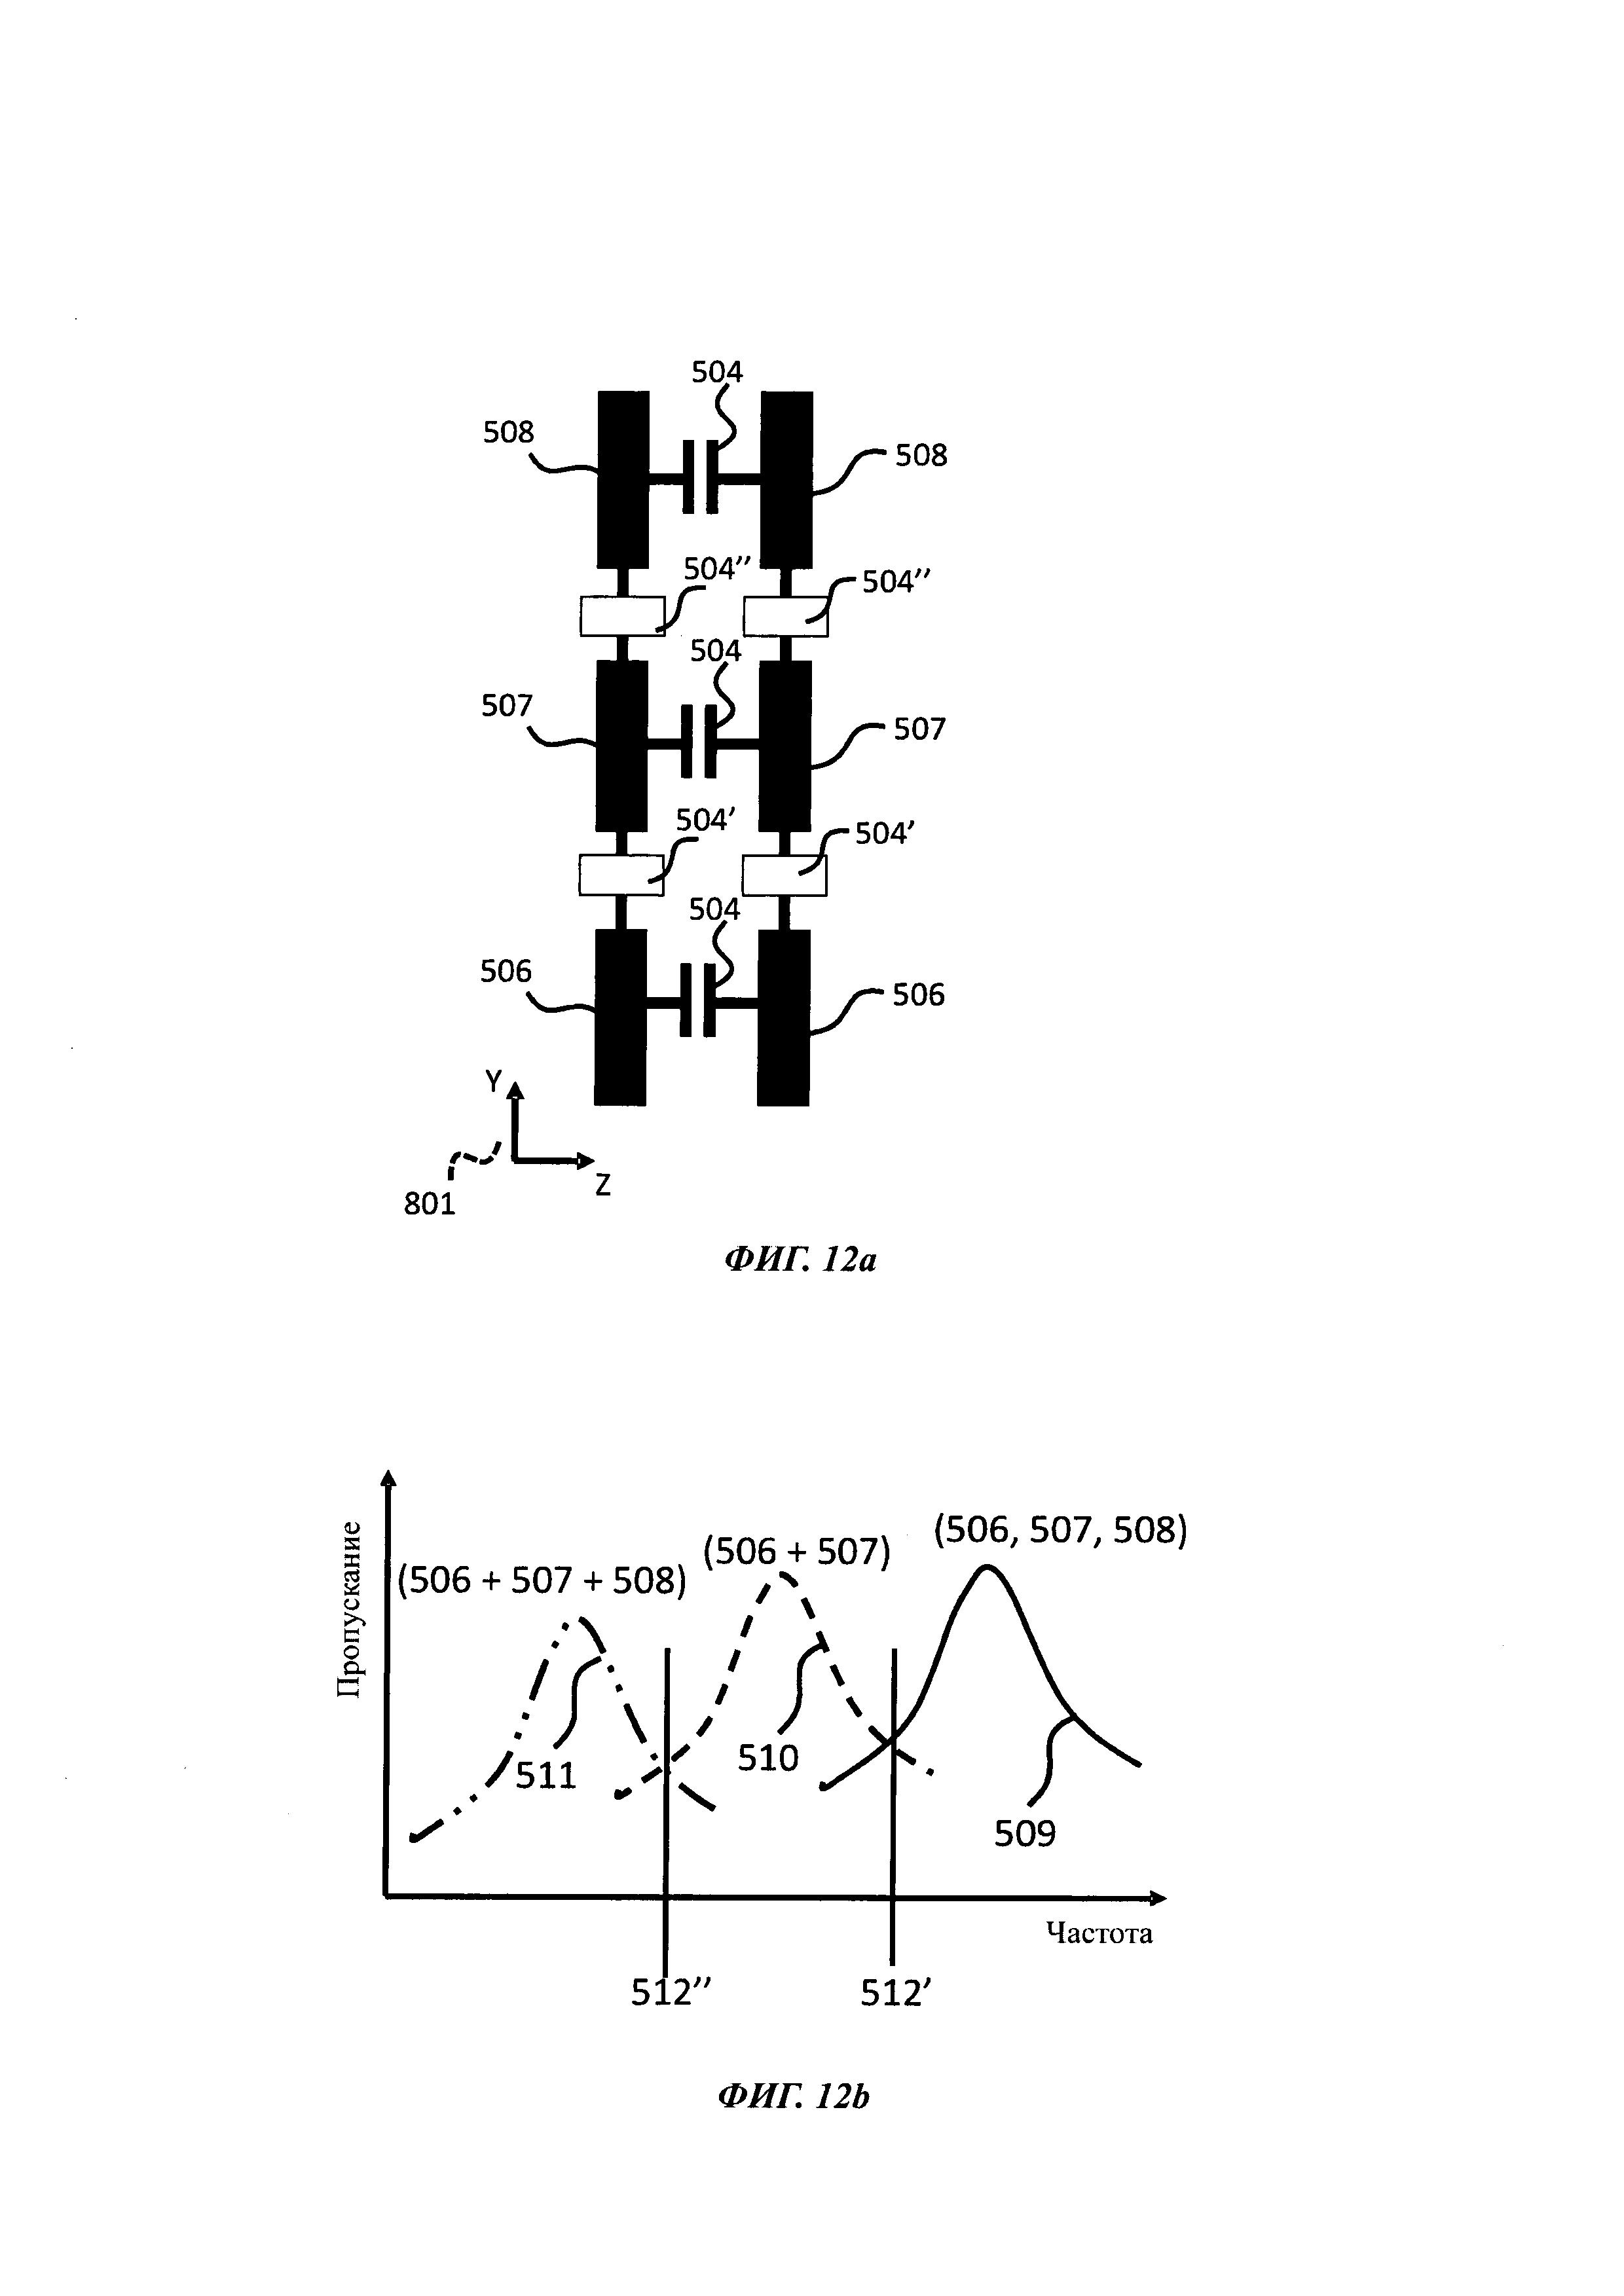 Устройство и способ приема и ретрансляции электромагнитных сигналов